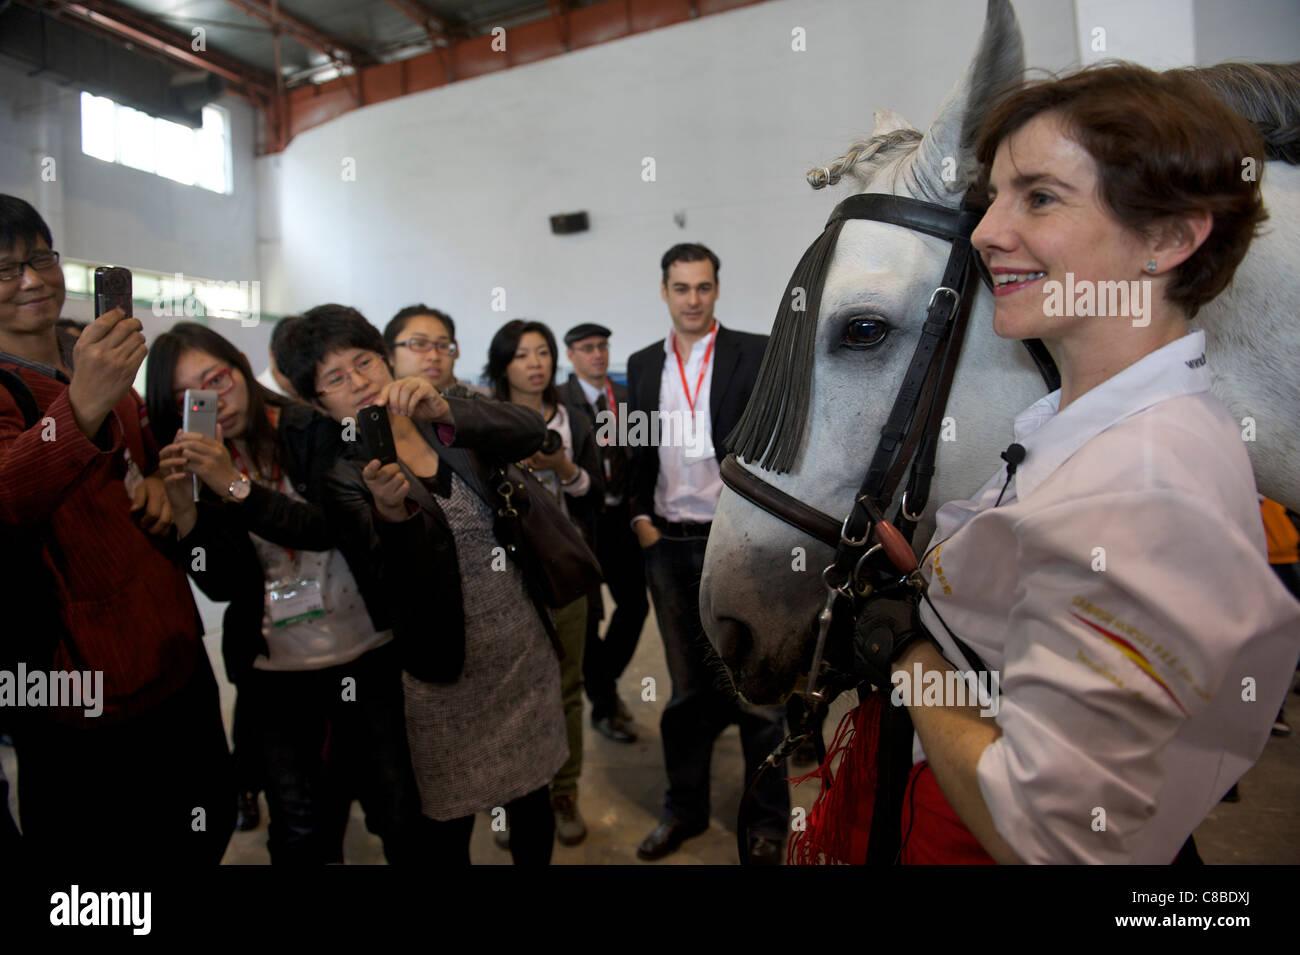 Audiencia China mira ecuestre español China el rendimiento durante la Feria del Caballo 2011 en Beijing, China. Imagen De Stock